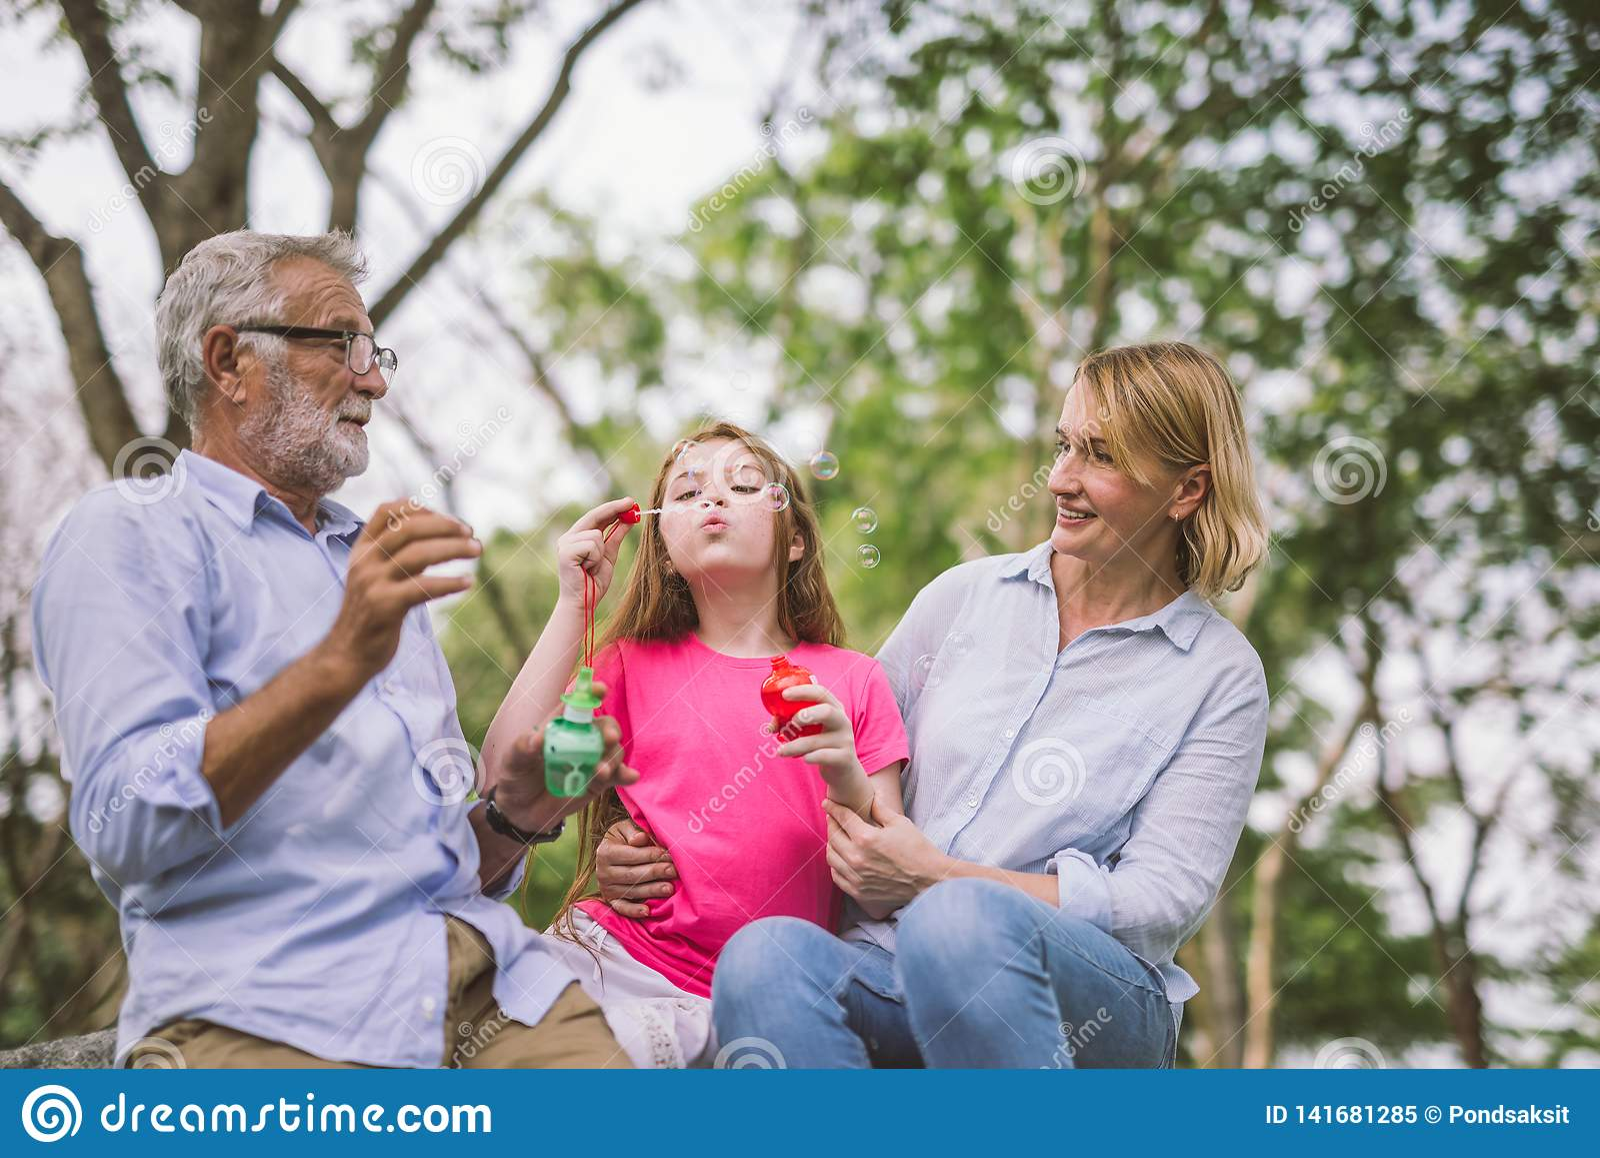 Ευτυχής οικογένεια στο πράσινο πάρκο φύσης στο καλοκαίρι